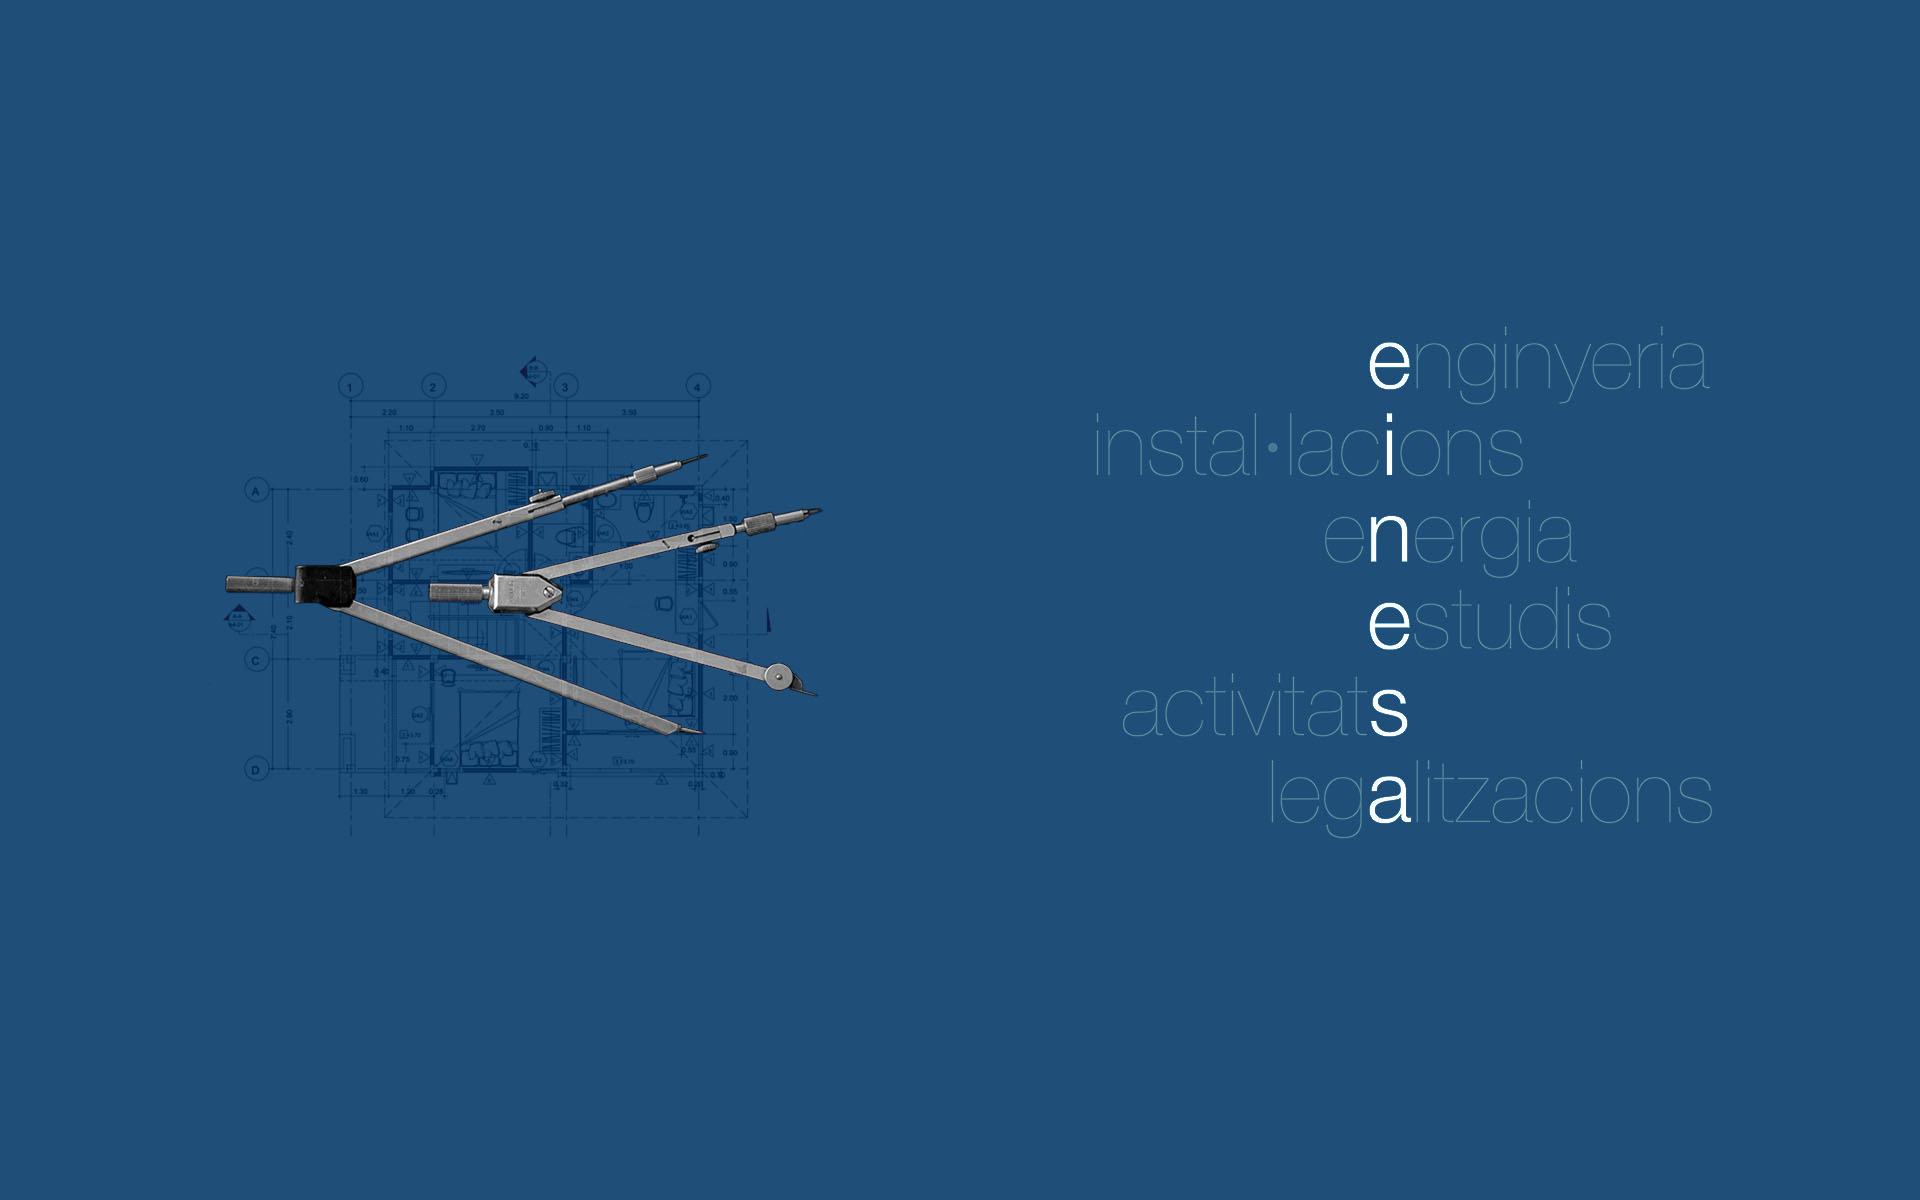 Anagrama einesa